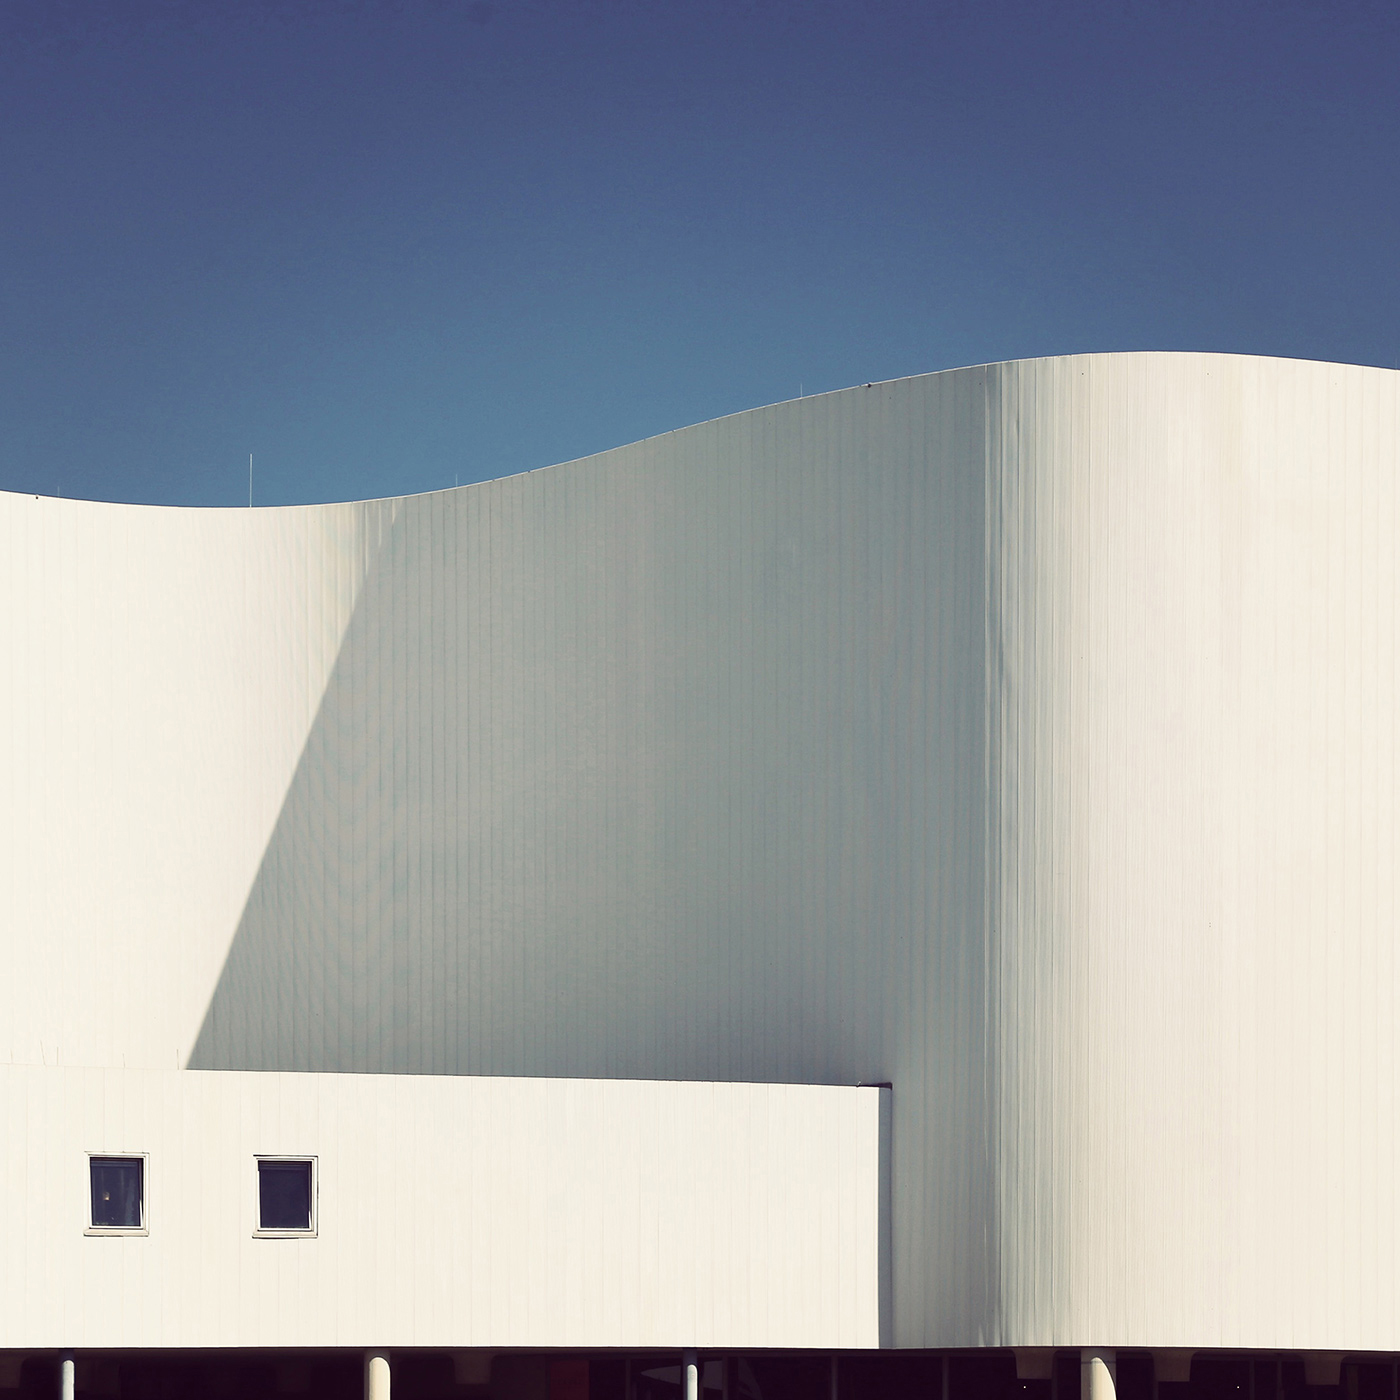 Schauspielhaus Düsseldorf <br />Location: Düsseldorf, Germany <br />Architect: Bernhard Pfau